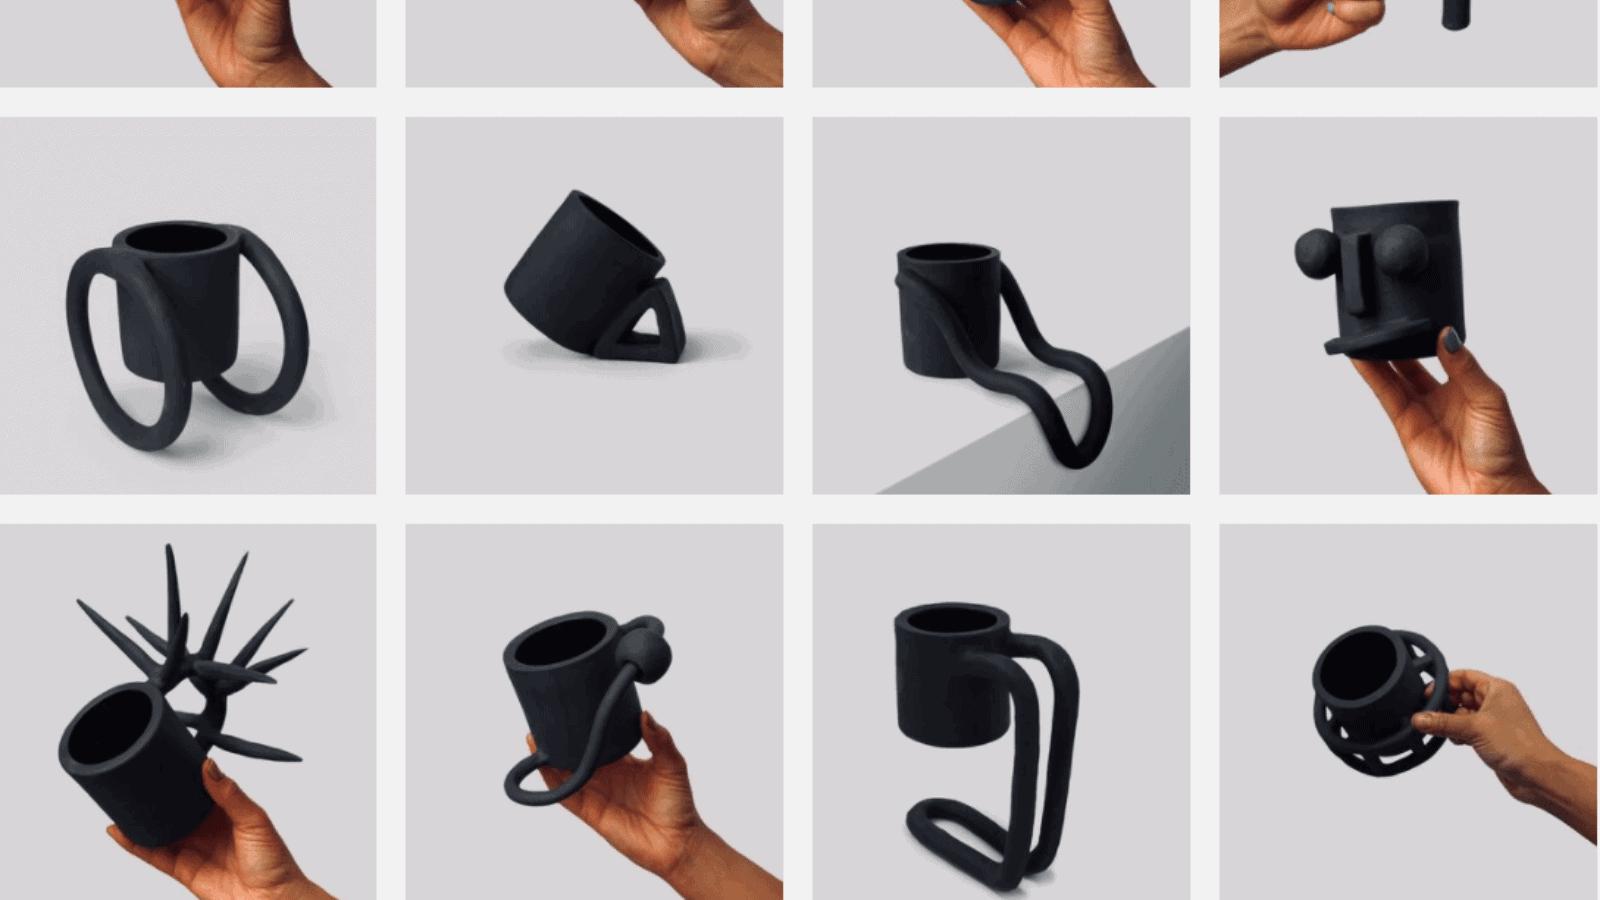 Esta artista apasionada por la cerámica creó 100 asas diferentes para una misma taza y enseña múltiples formas de diseñar un objeto 3